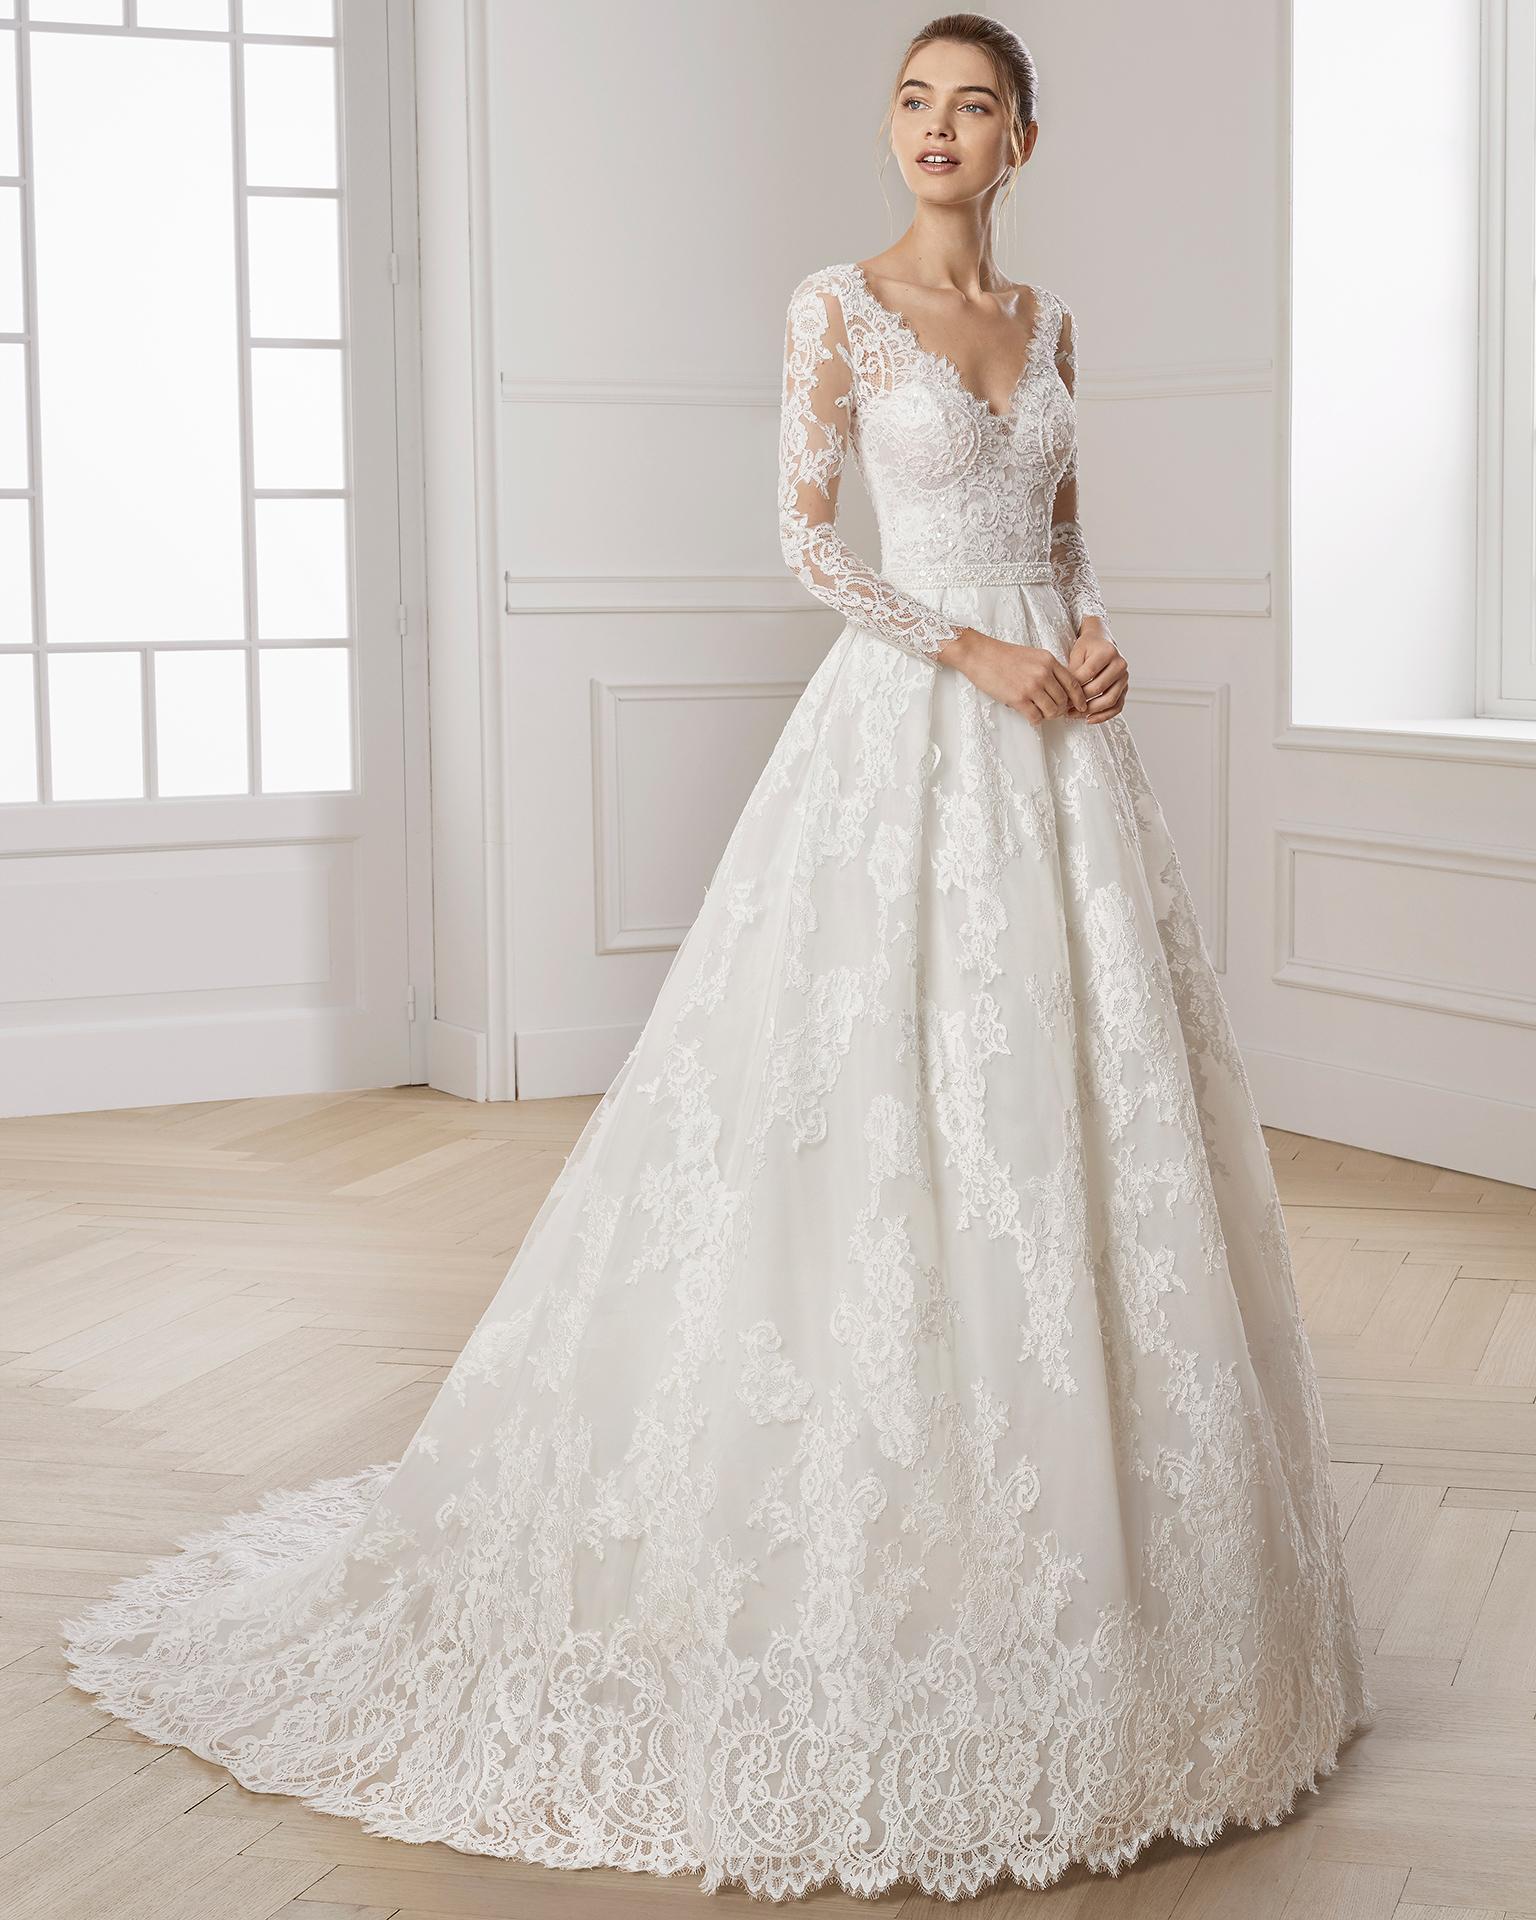 فستان زفاف بتصميم راقي ومميز للغاية بكم طويل من الدانتيل 2019